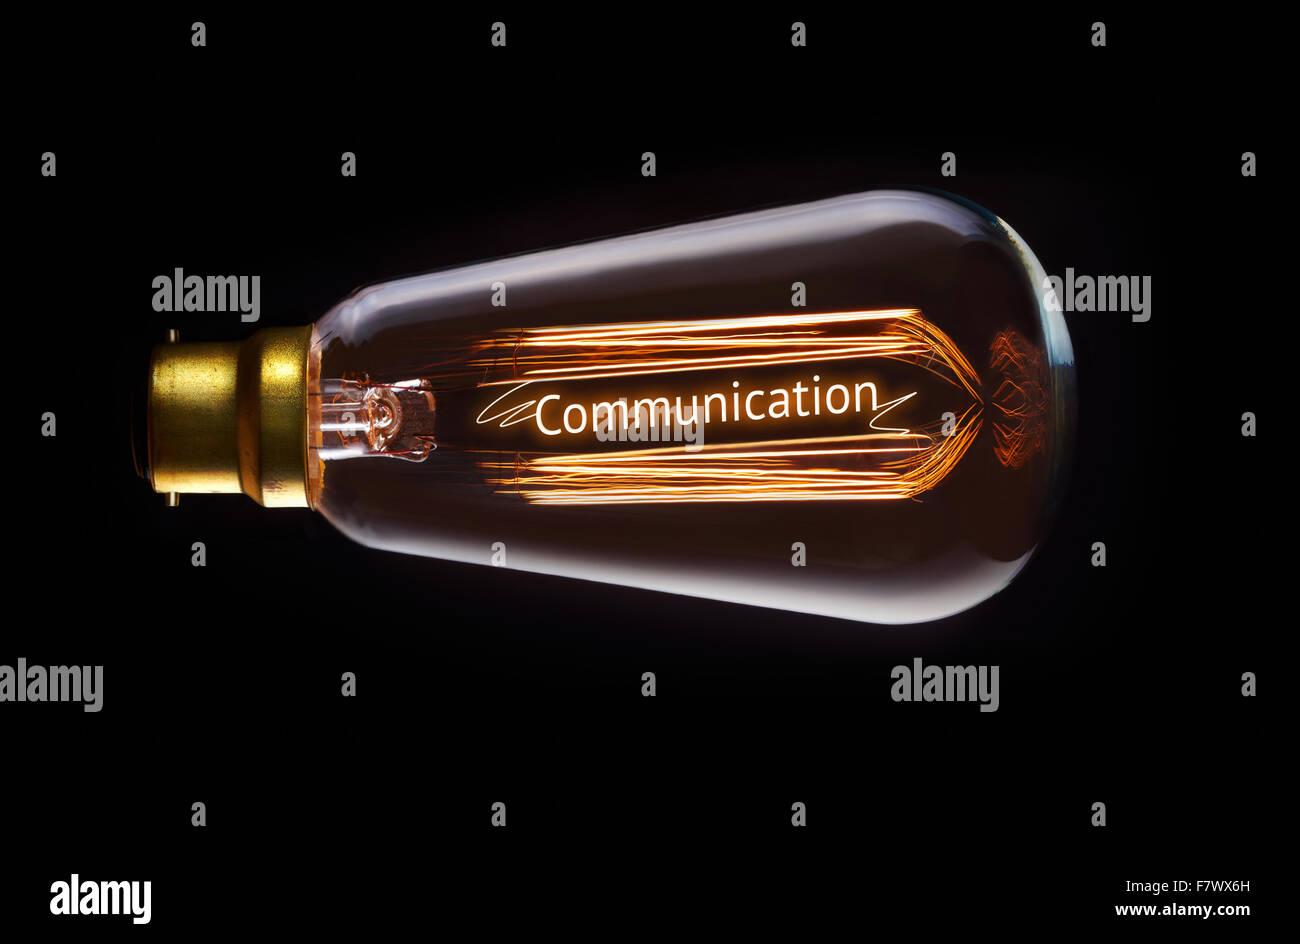 Buena comunicación concepto en una bombilla de filamento. Imagen De Stock